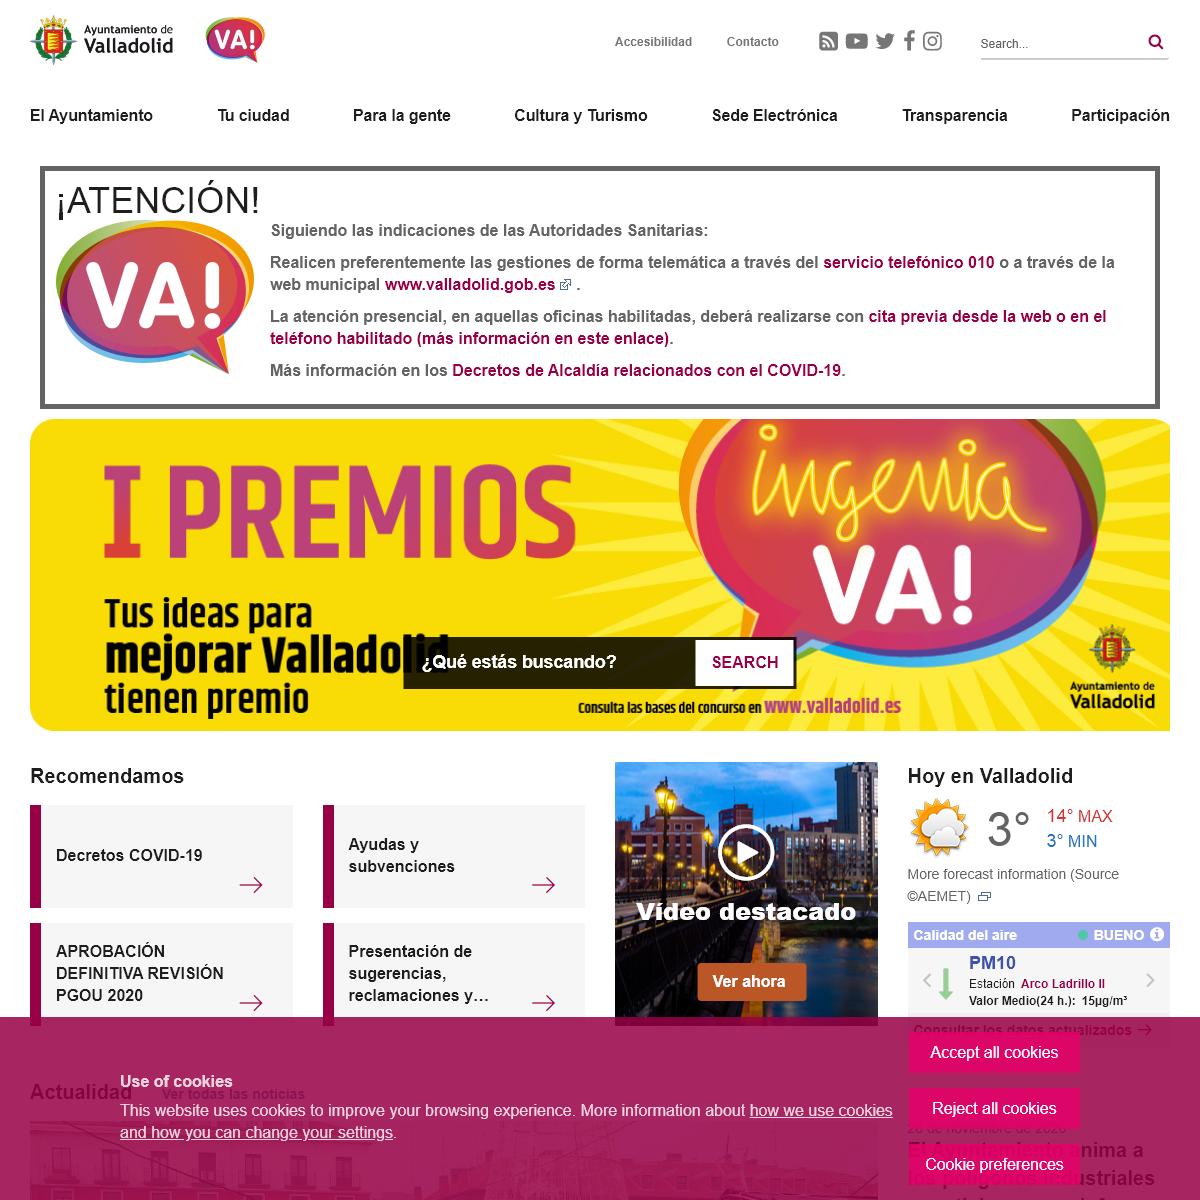 Portal Web del Ayuntamiento de Valladolid - Main page